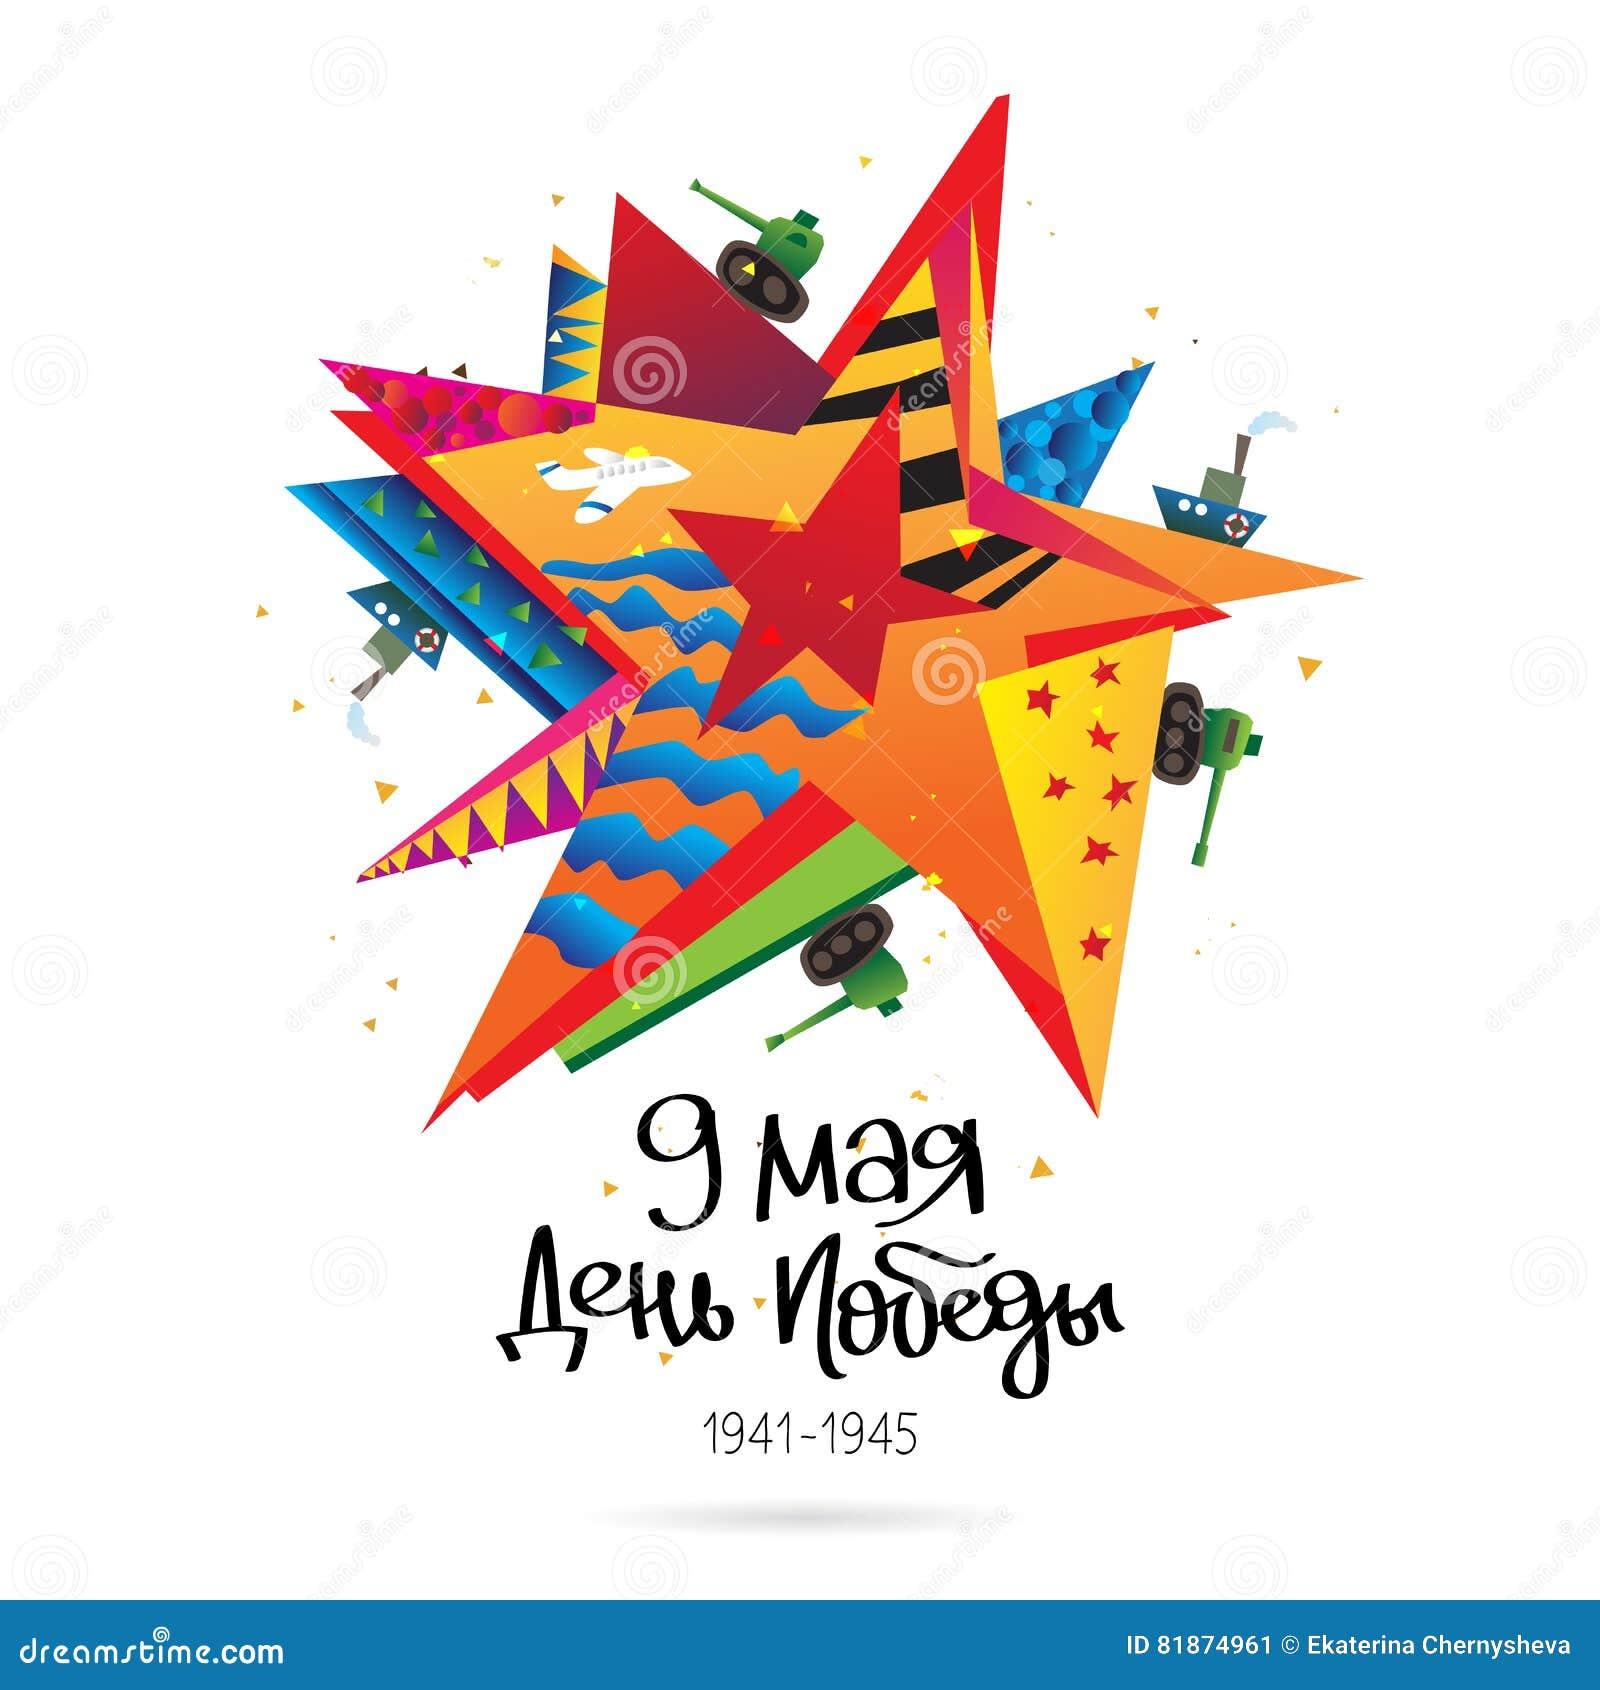 9th May 40 zwalczają się już dni chwały wieczne faszyzm kwiatów pamięci bohaterów honoru dużych nieatutowych przechodzącymi patri